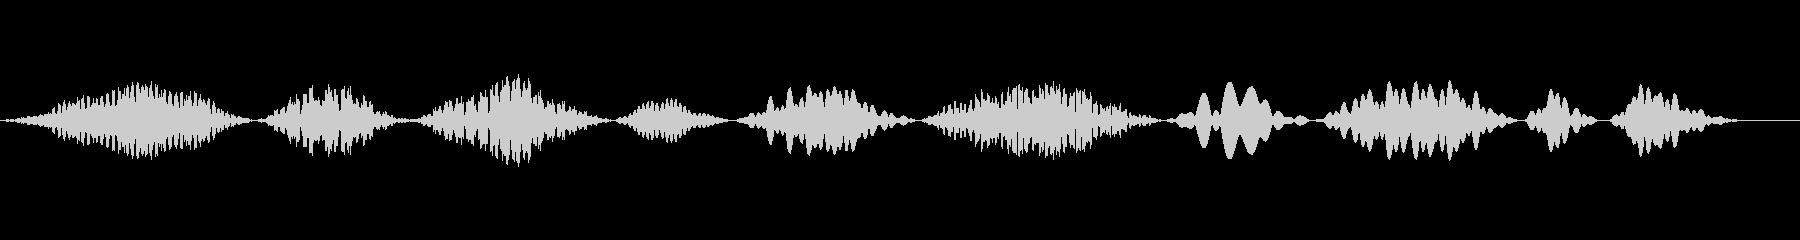 マインドランブル:Var。ピッチと強度の未再生の波形